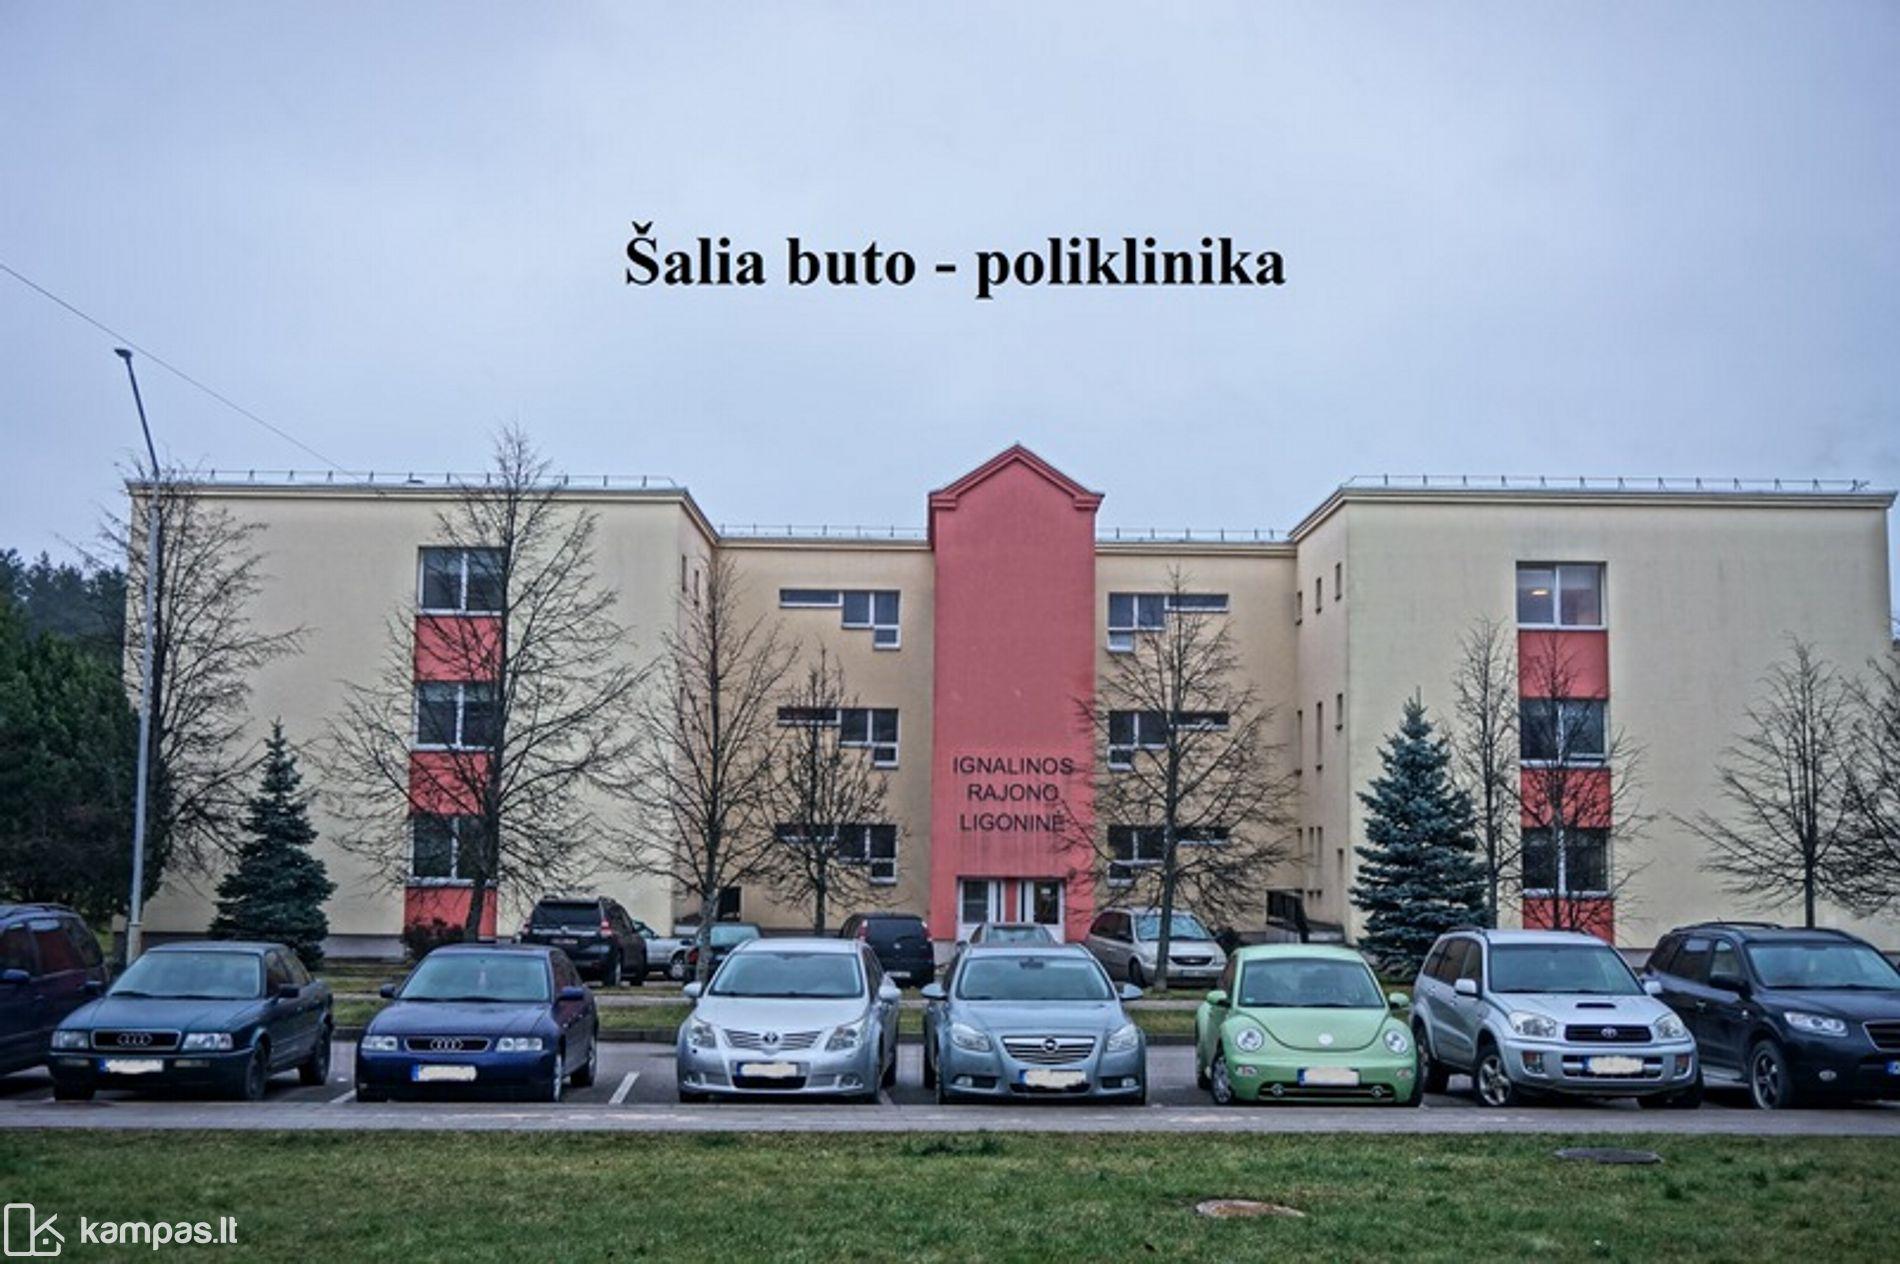 photo No.5 Ignalinos r. sav., Ignalina, Ligoninės g.